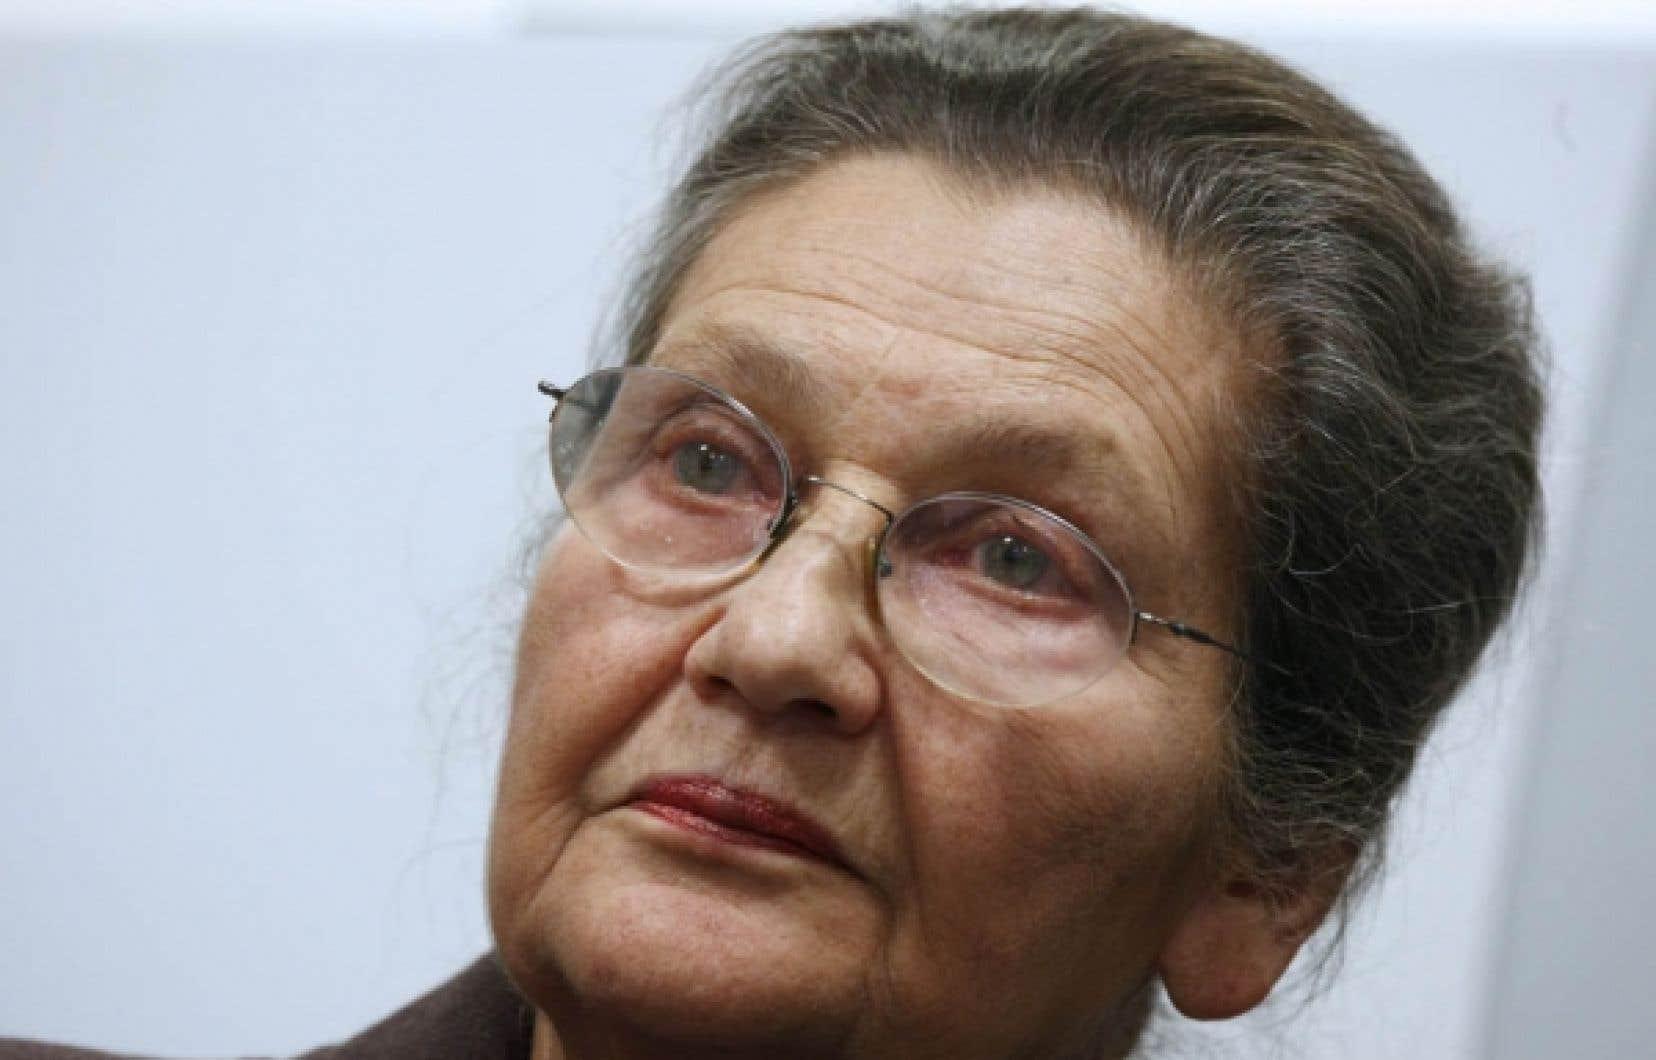 De Simone Veil, dirigeante déterminée désignée «femme préférée des Français» dans un récent sondage, les Français retiennent l'image d'une femme seule au milieu d'une assemblée d'hommes.